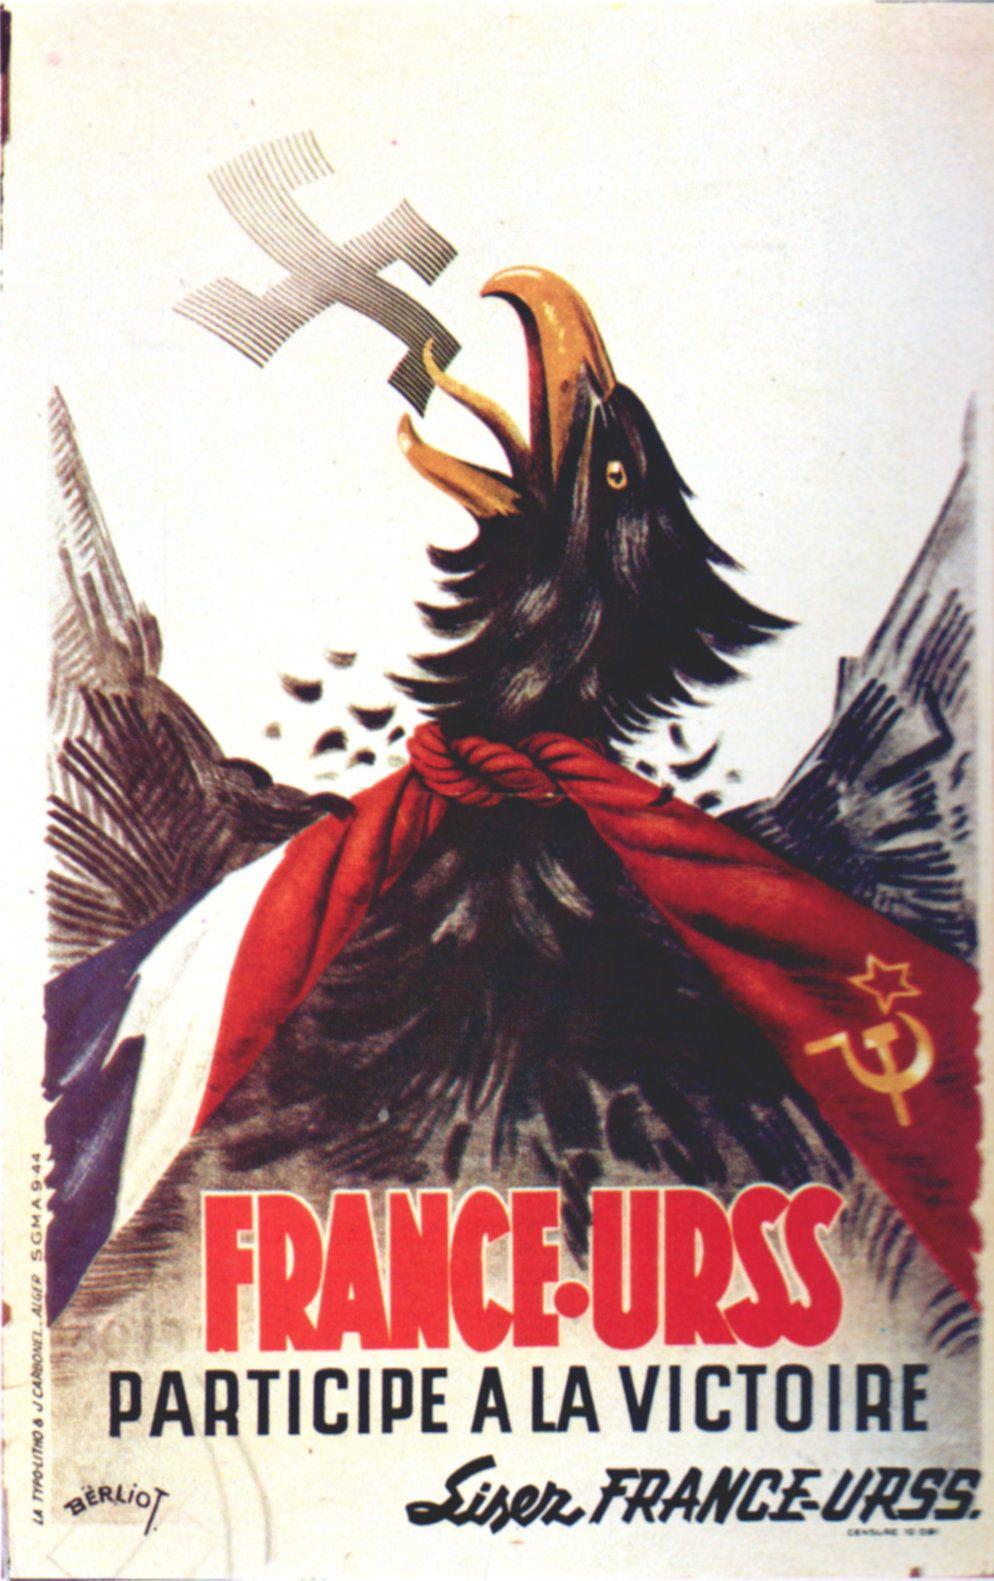 Affiches politiques 1939-1945 - Abrupt - France- Urss J. Berliot septembre 1944